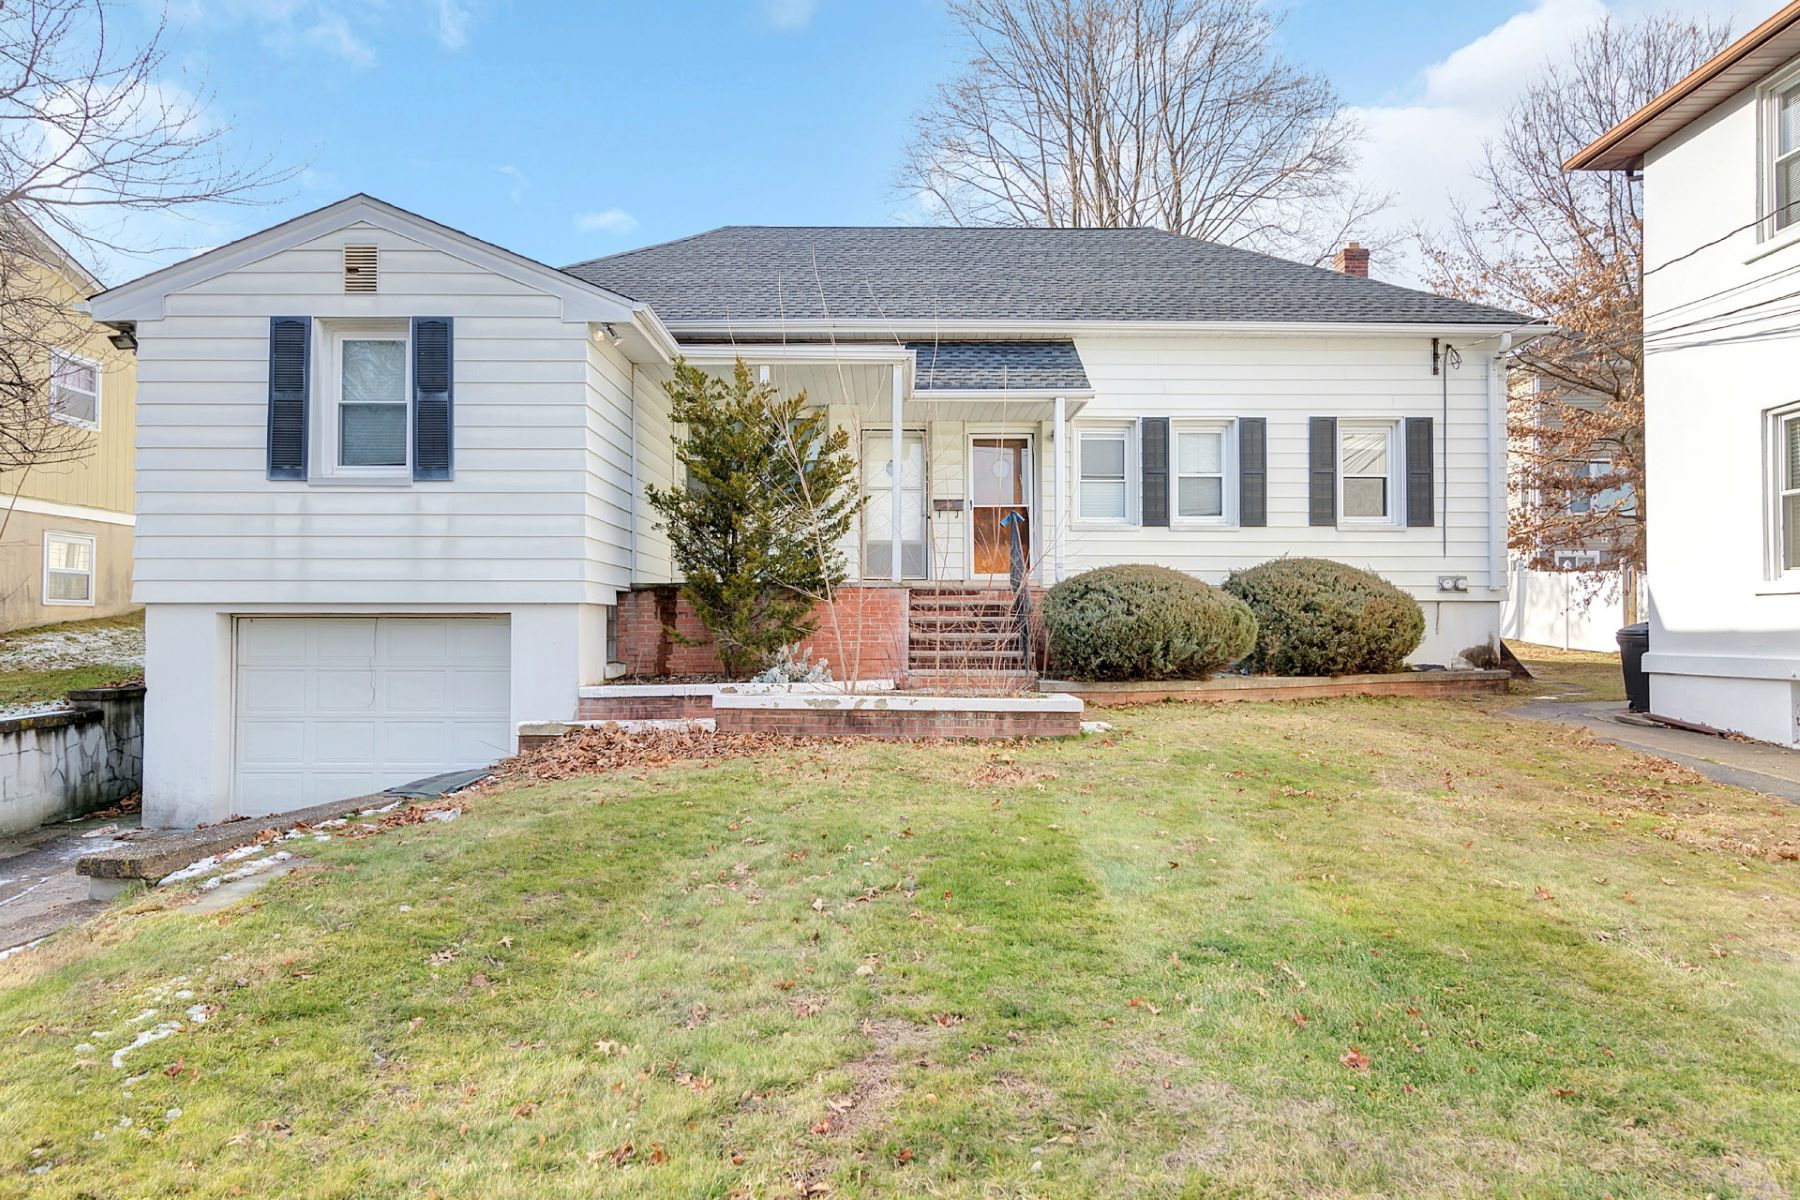 Многосемейный дом для того Продажа на Two by Two 177 Livingston St Northvale, Нью-Джерси 07647 Соединенные Штаты